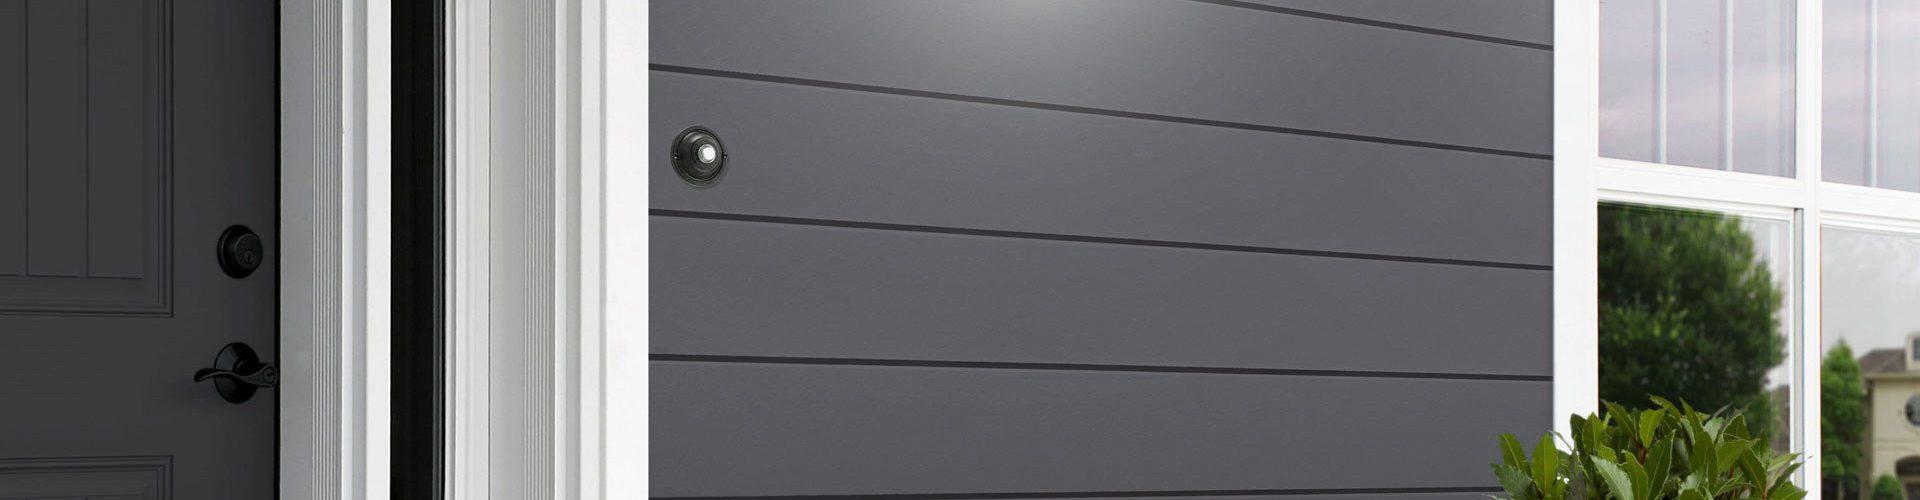 Cedral Click Smooth C18 Öine ookean - fassaad - sile fassaadilaud - voodrilaud